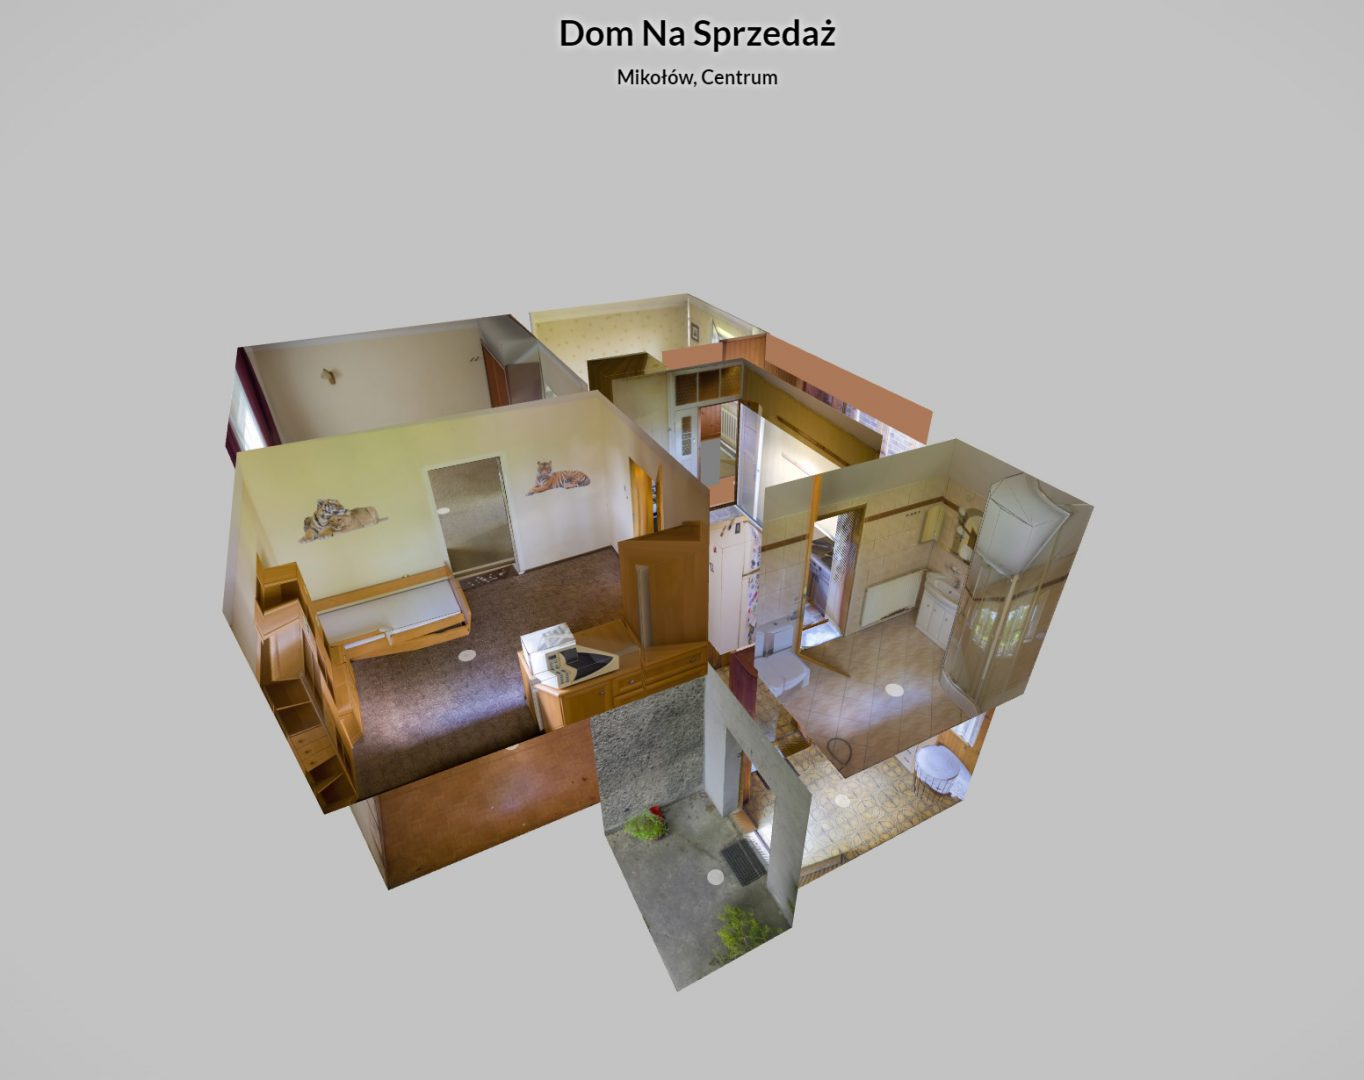 Model 3D - Dostępny  pełni na wirtualnym spacerze.